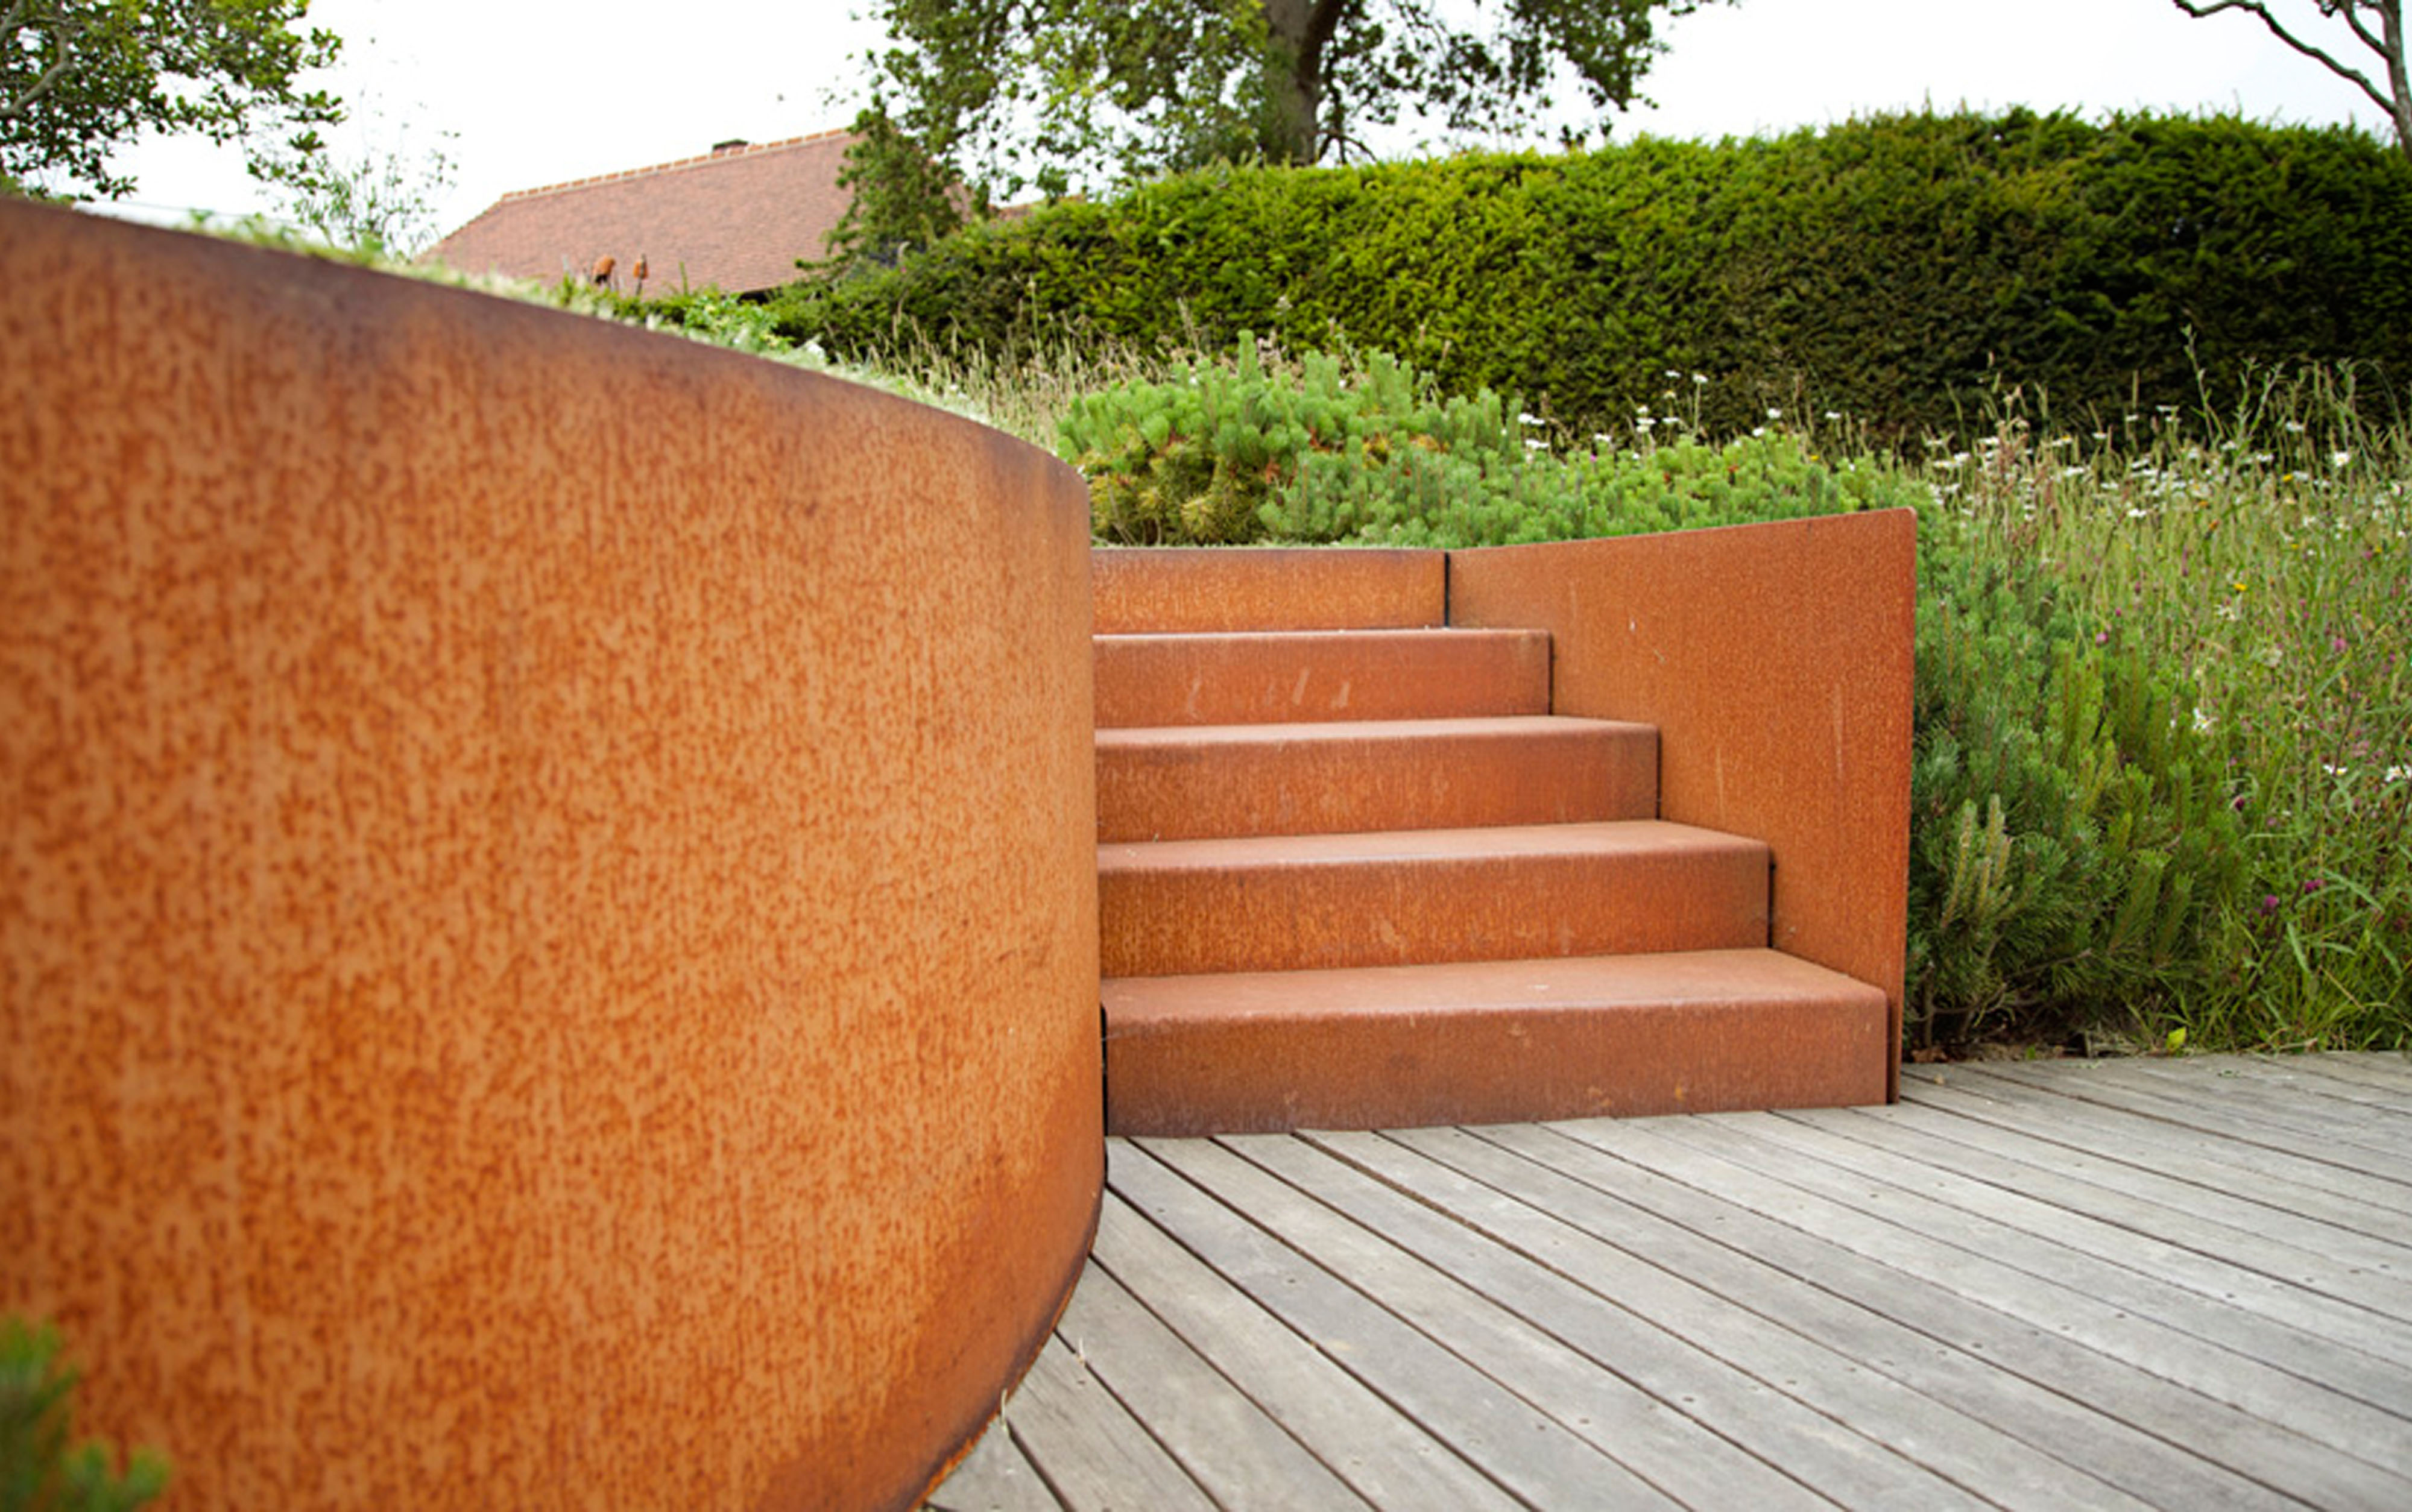 schody cortenowe